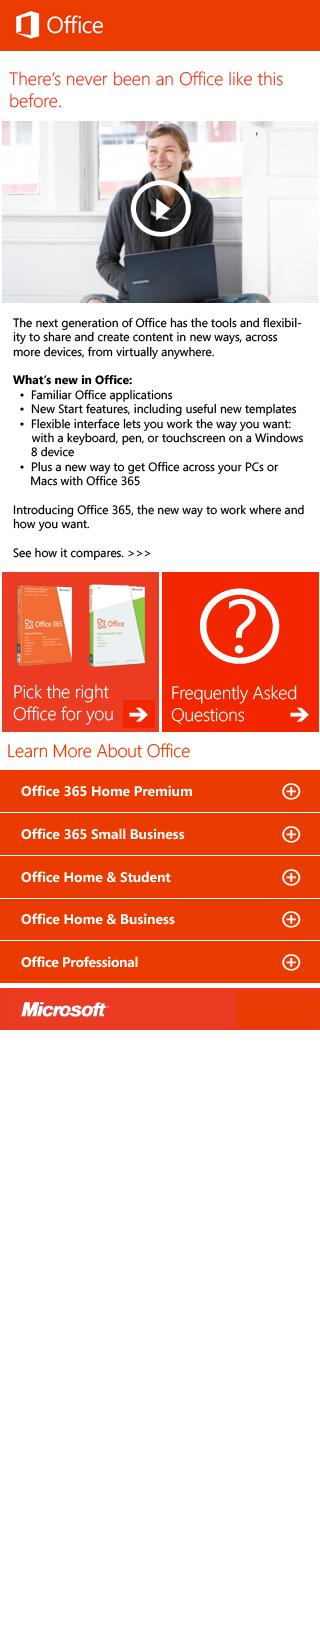 OFFICE365_MobileSite_1.jpg